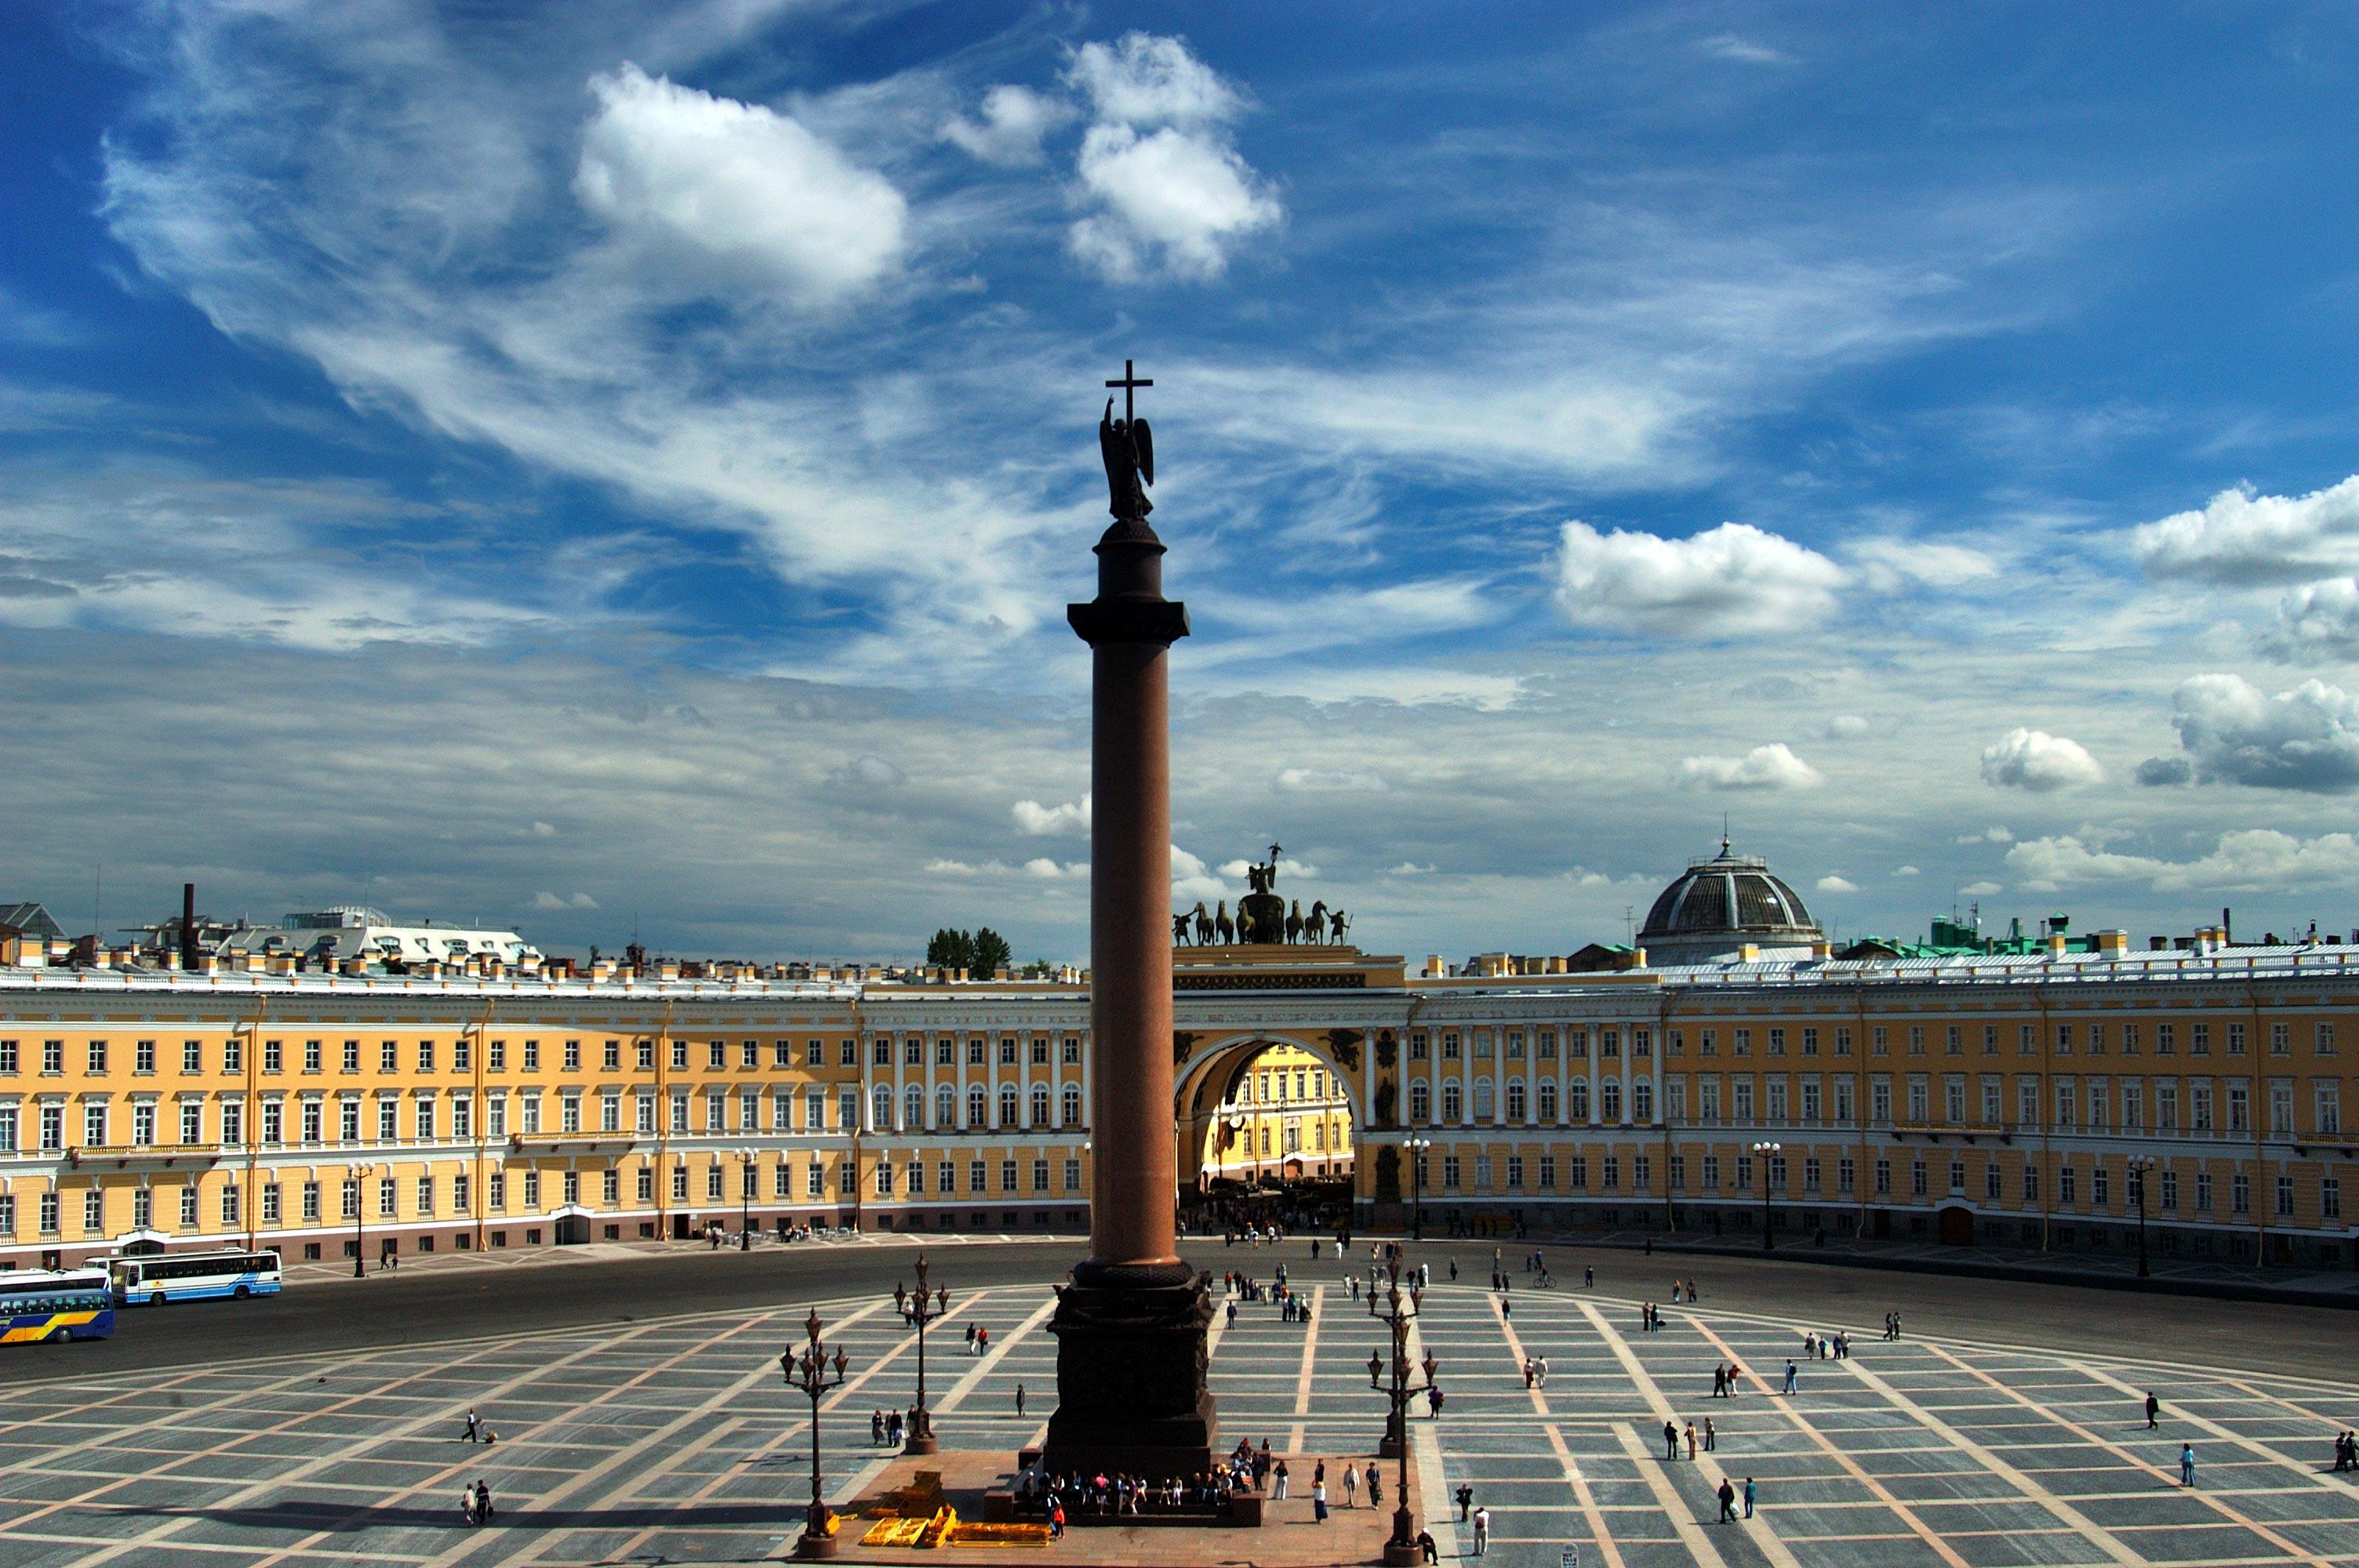 исторический центр санкт-петербурга картинка прихожая